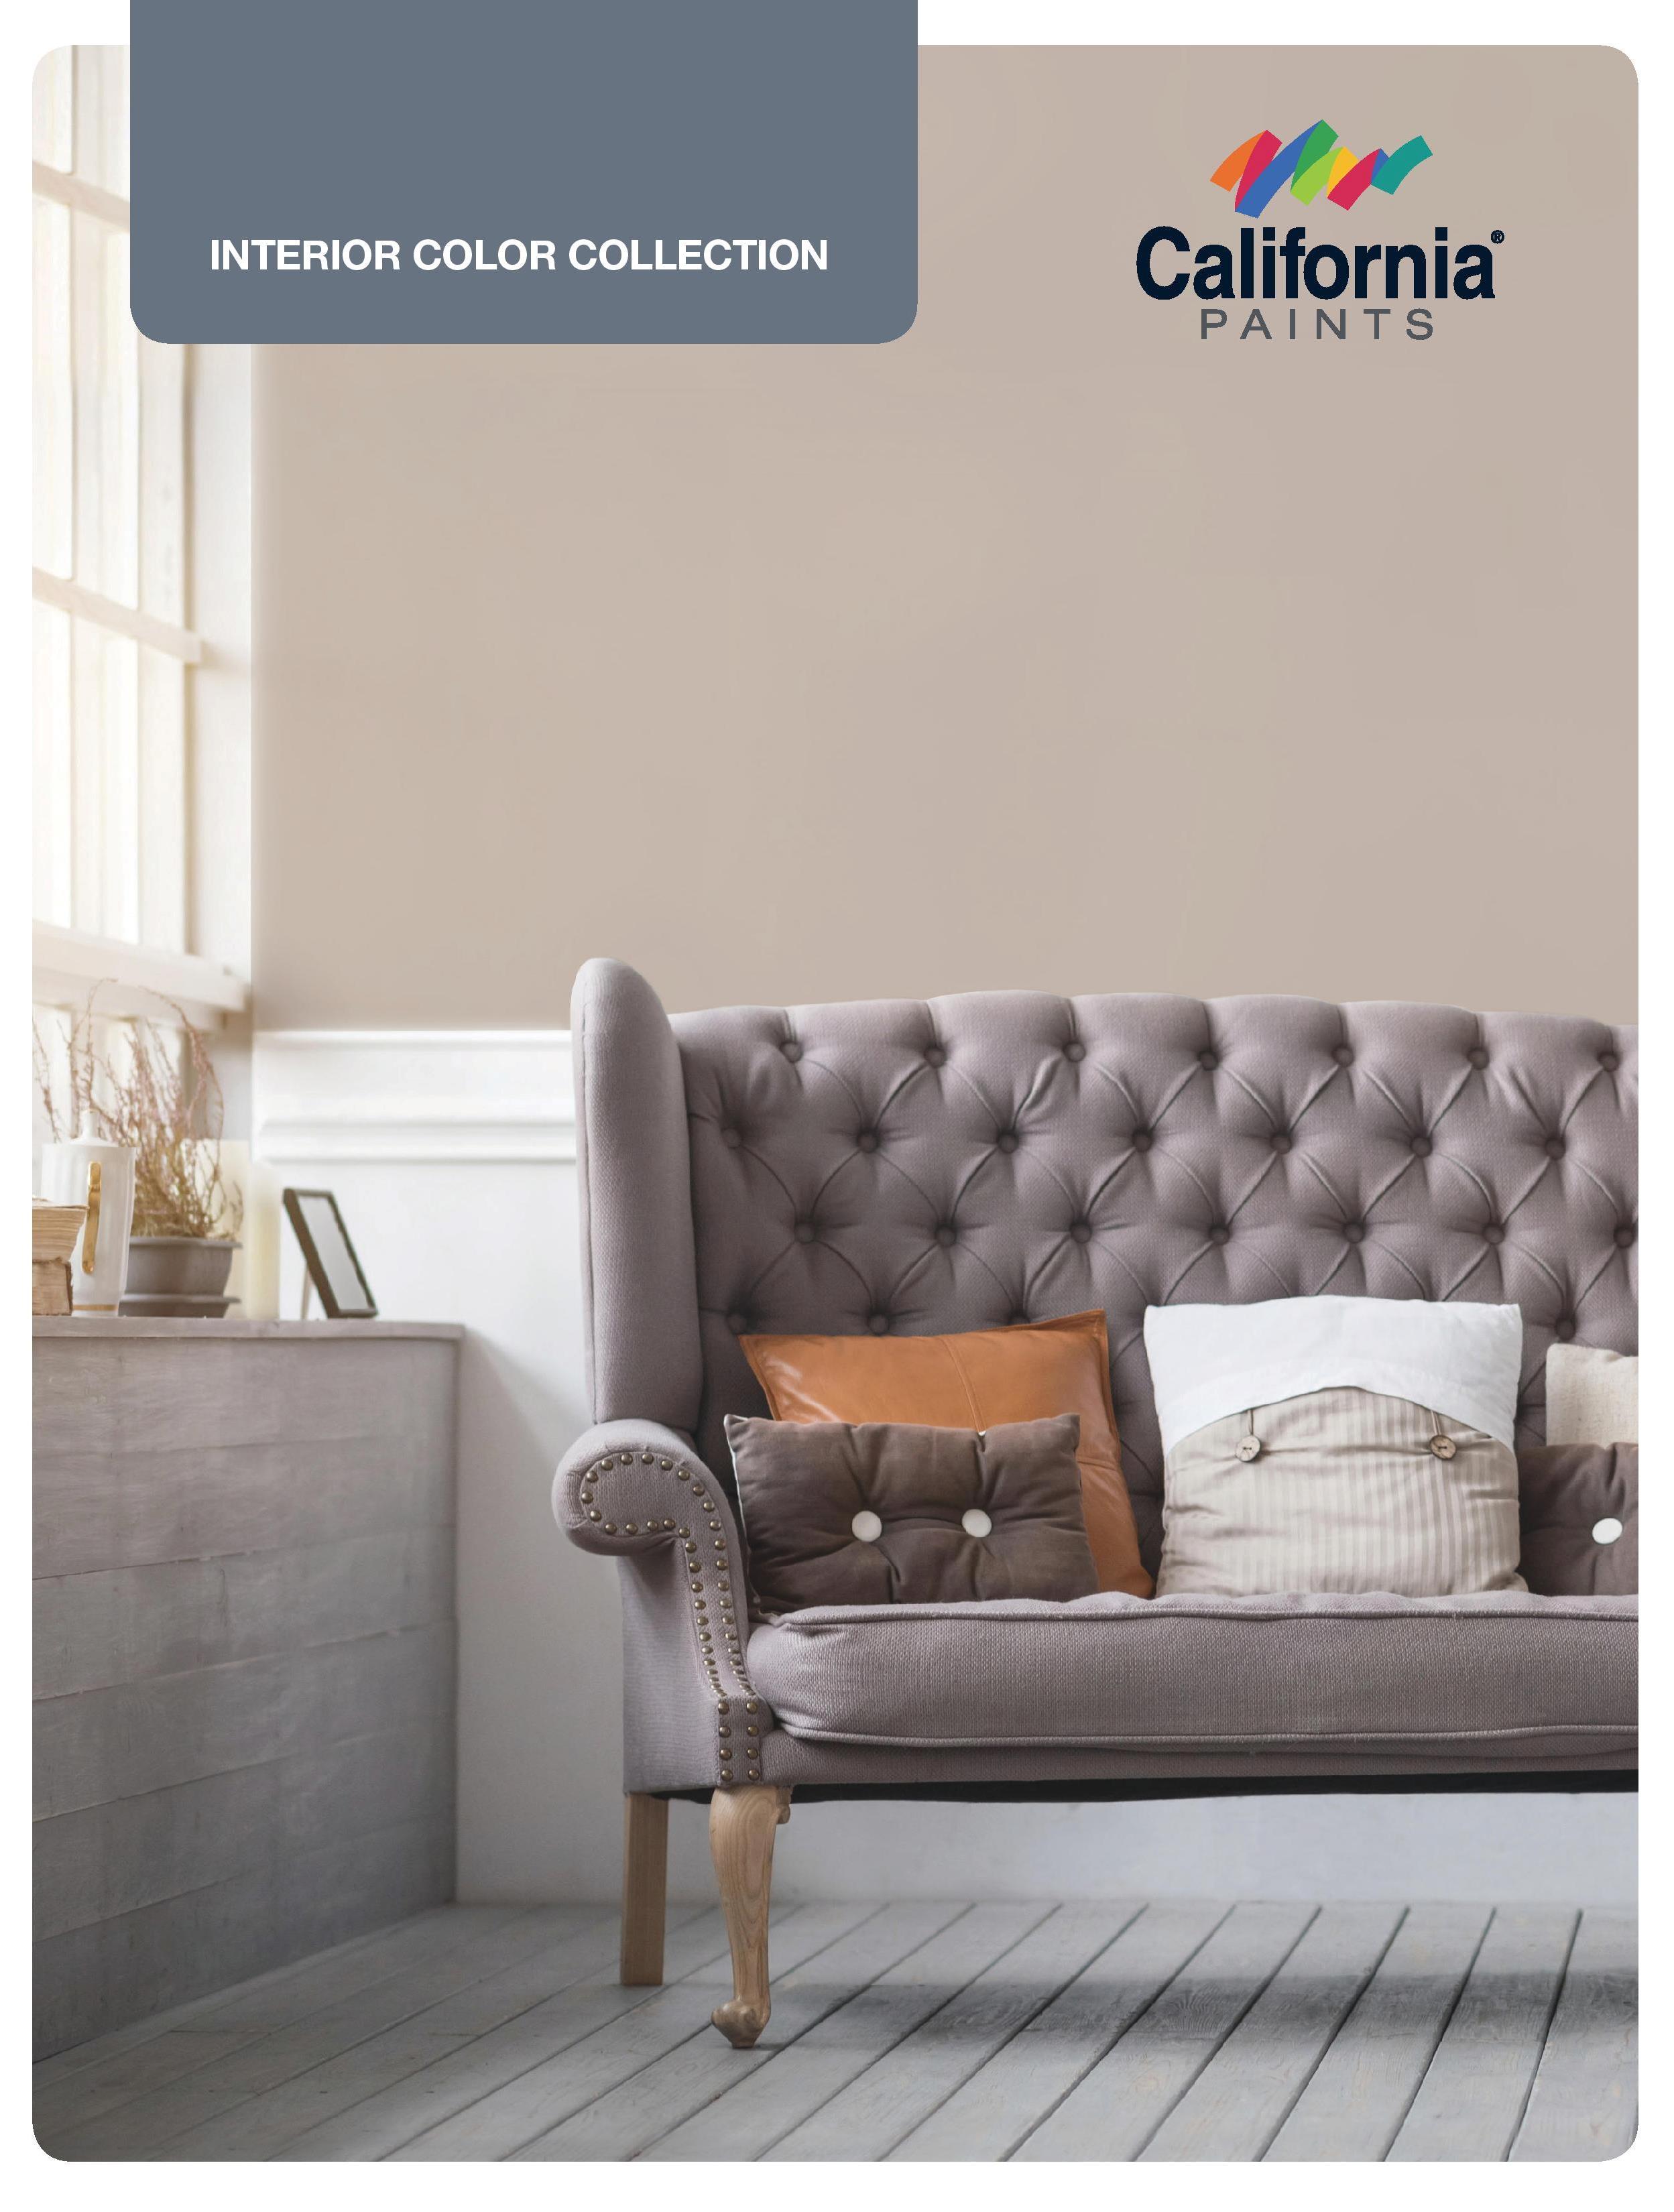 card-interiorcolorcard-cover.jpg